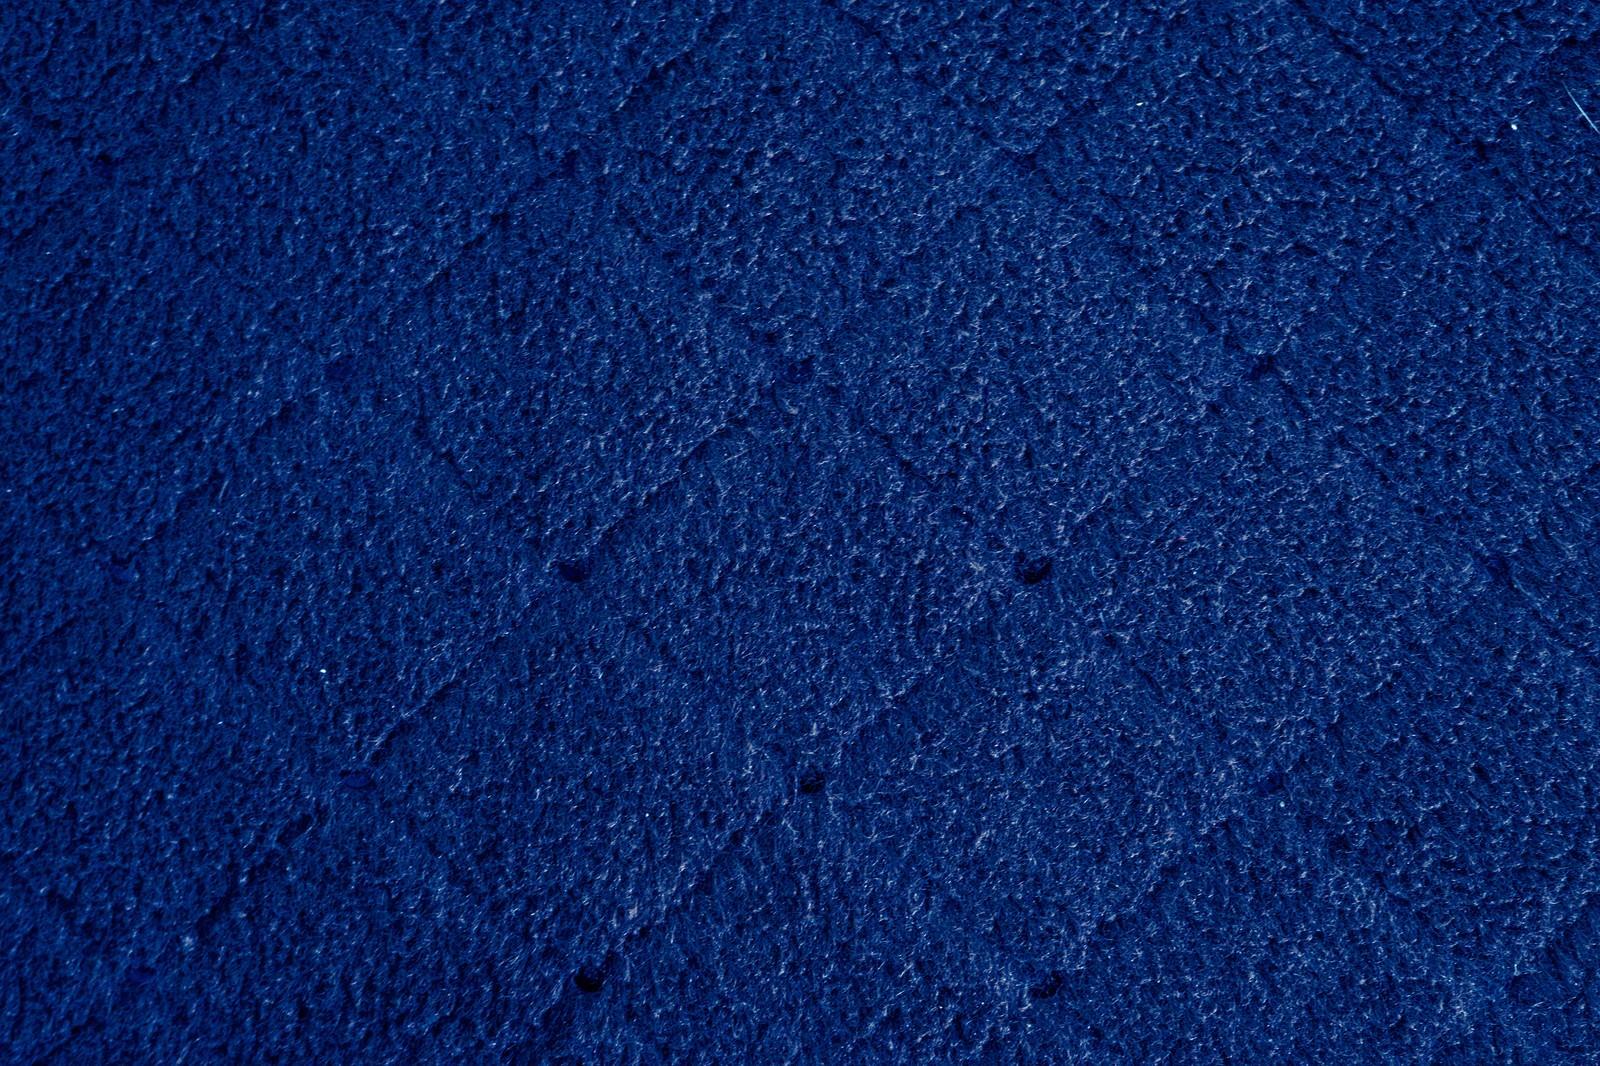 「吹付けタイル・ブルー」の写真